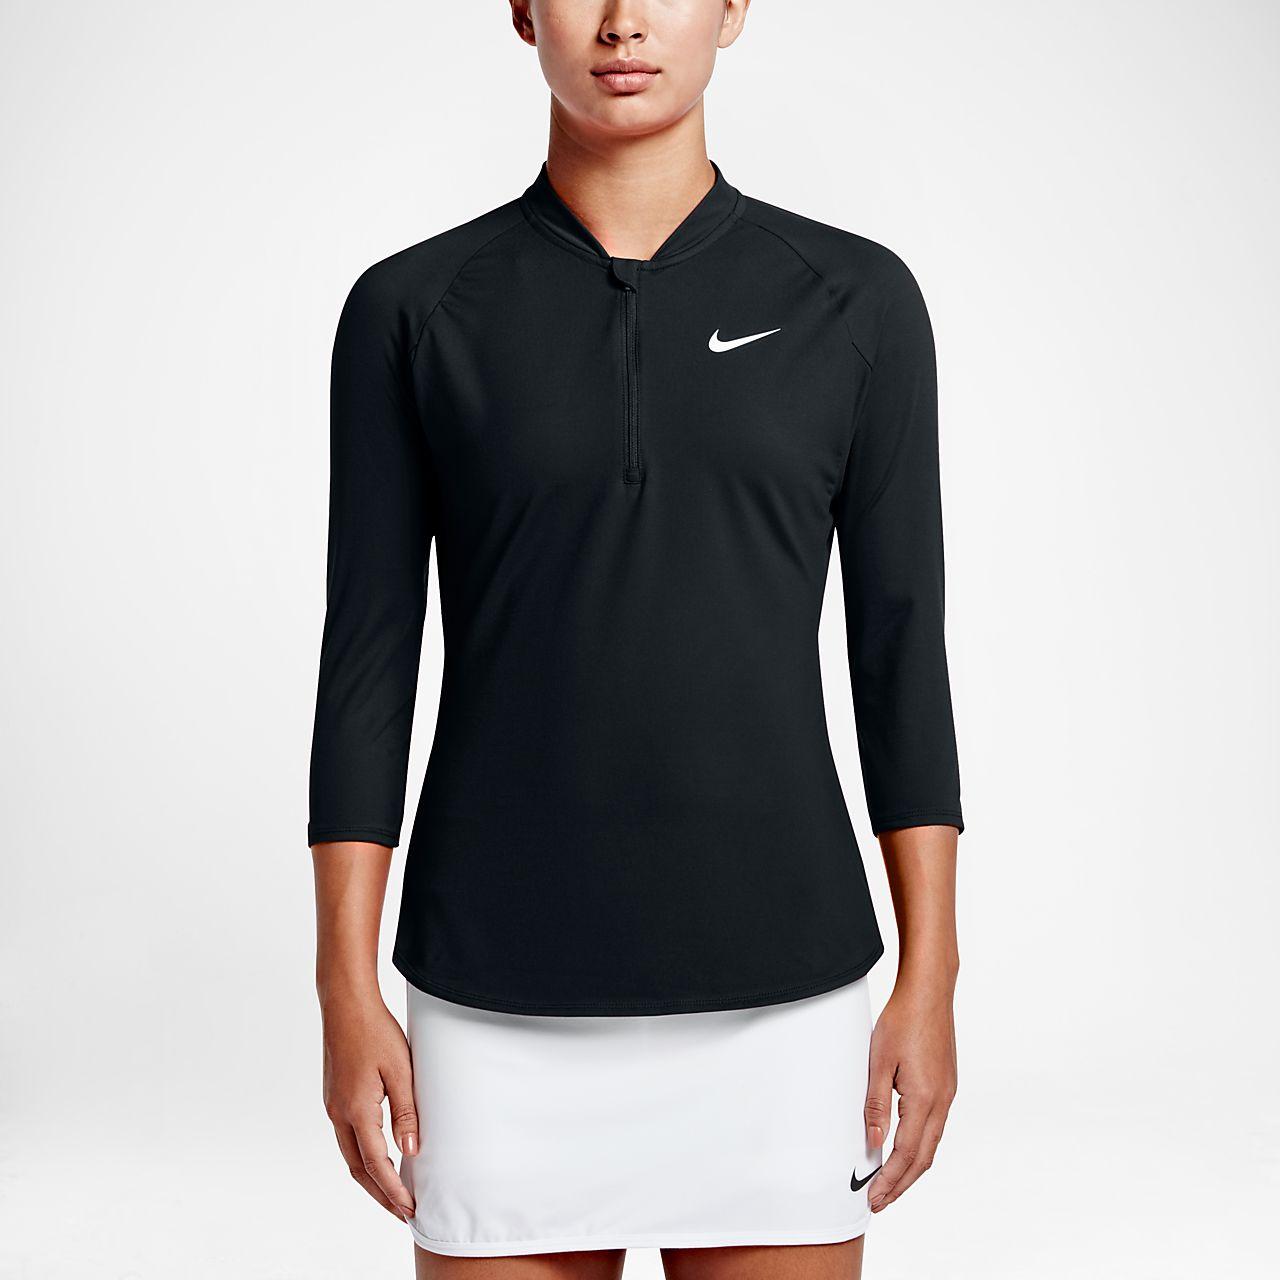 nike tennis t shirt damen